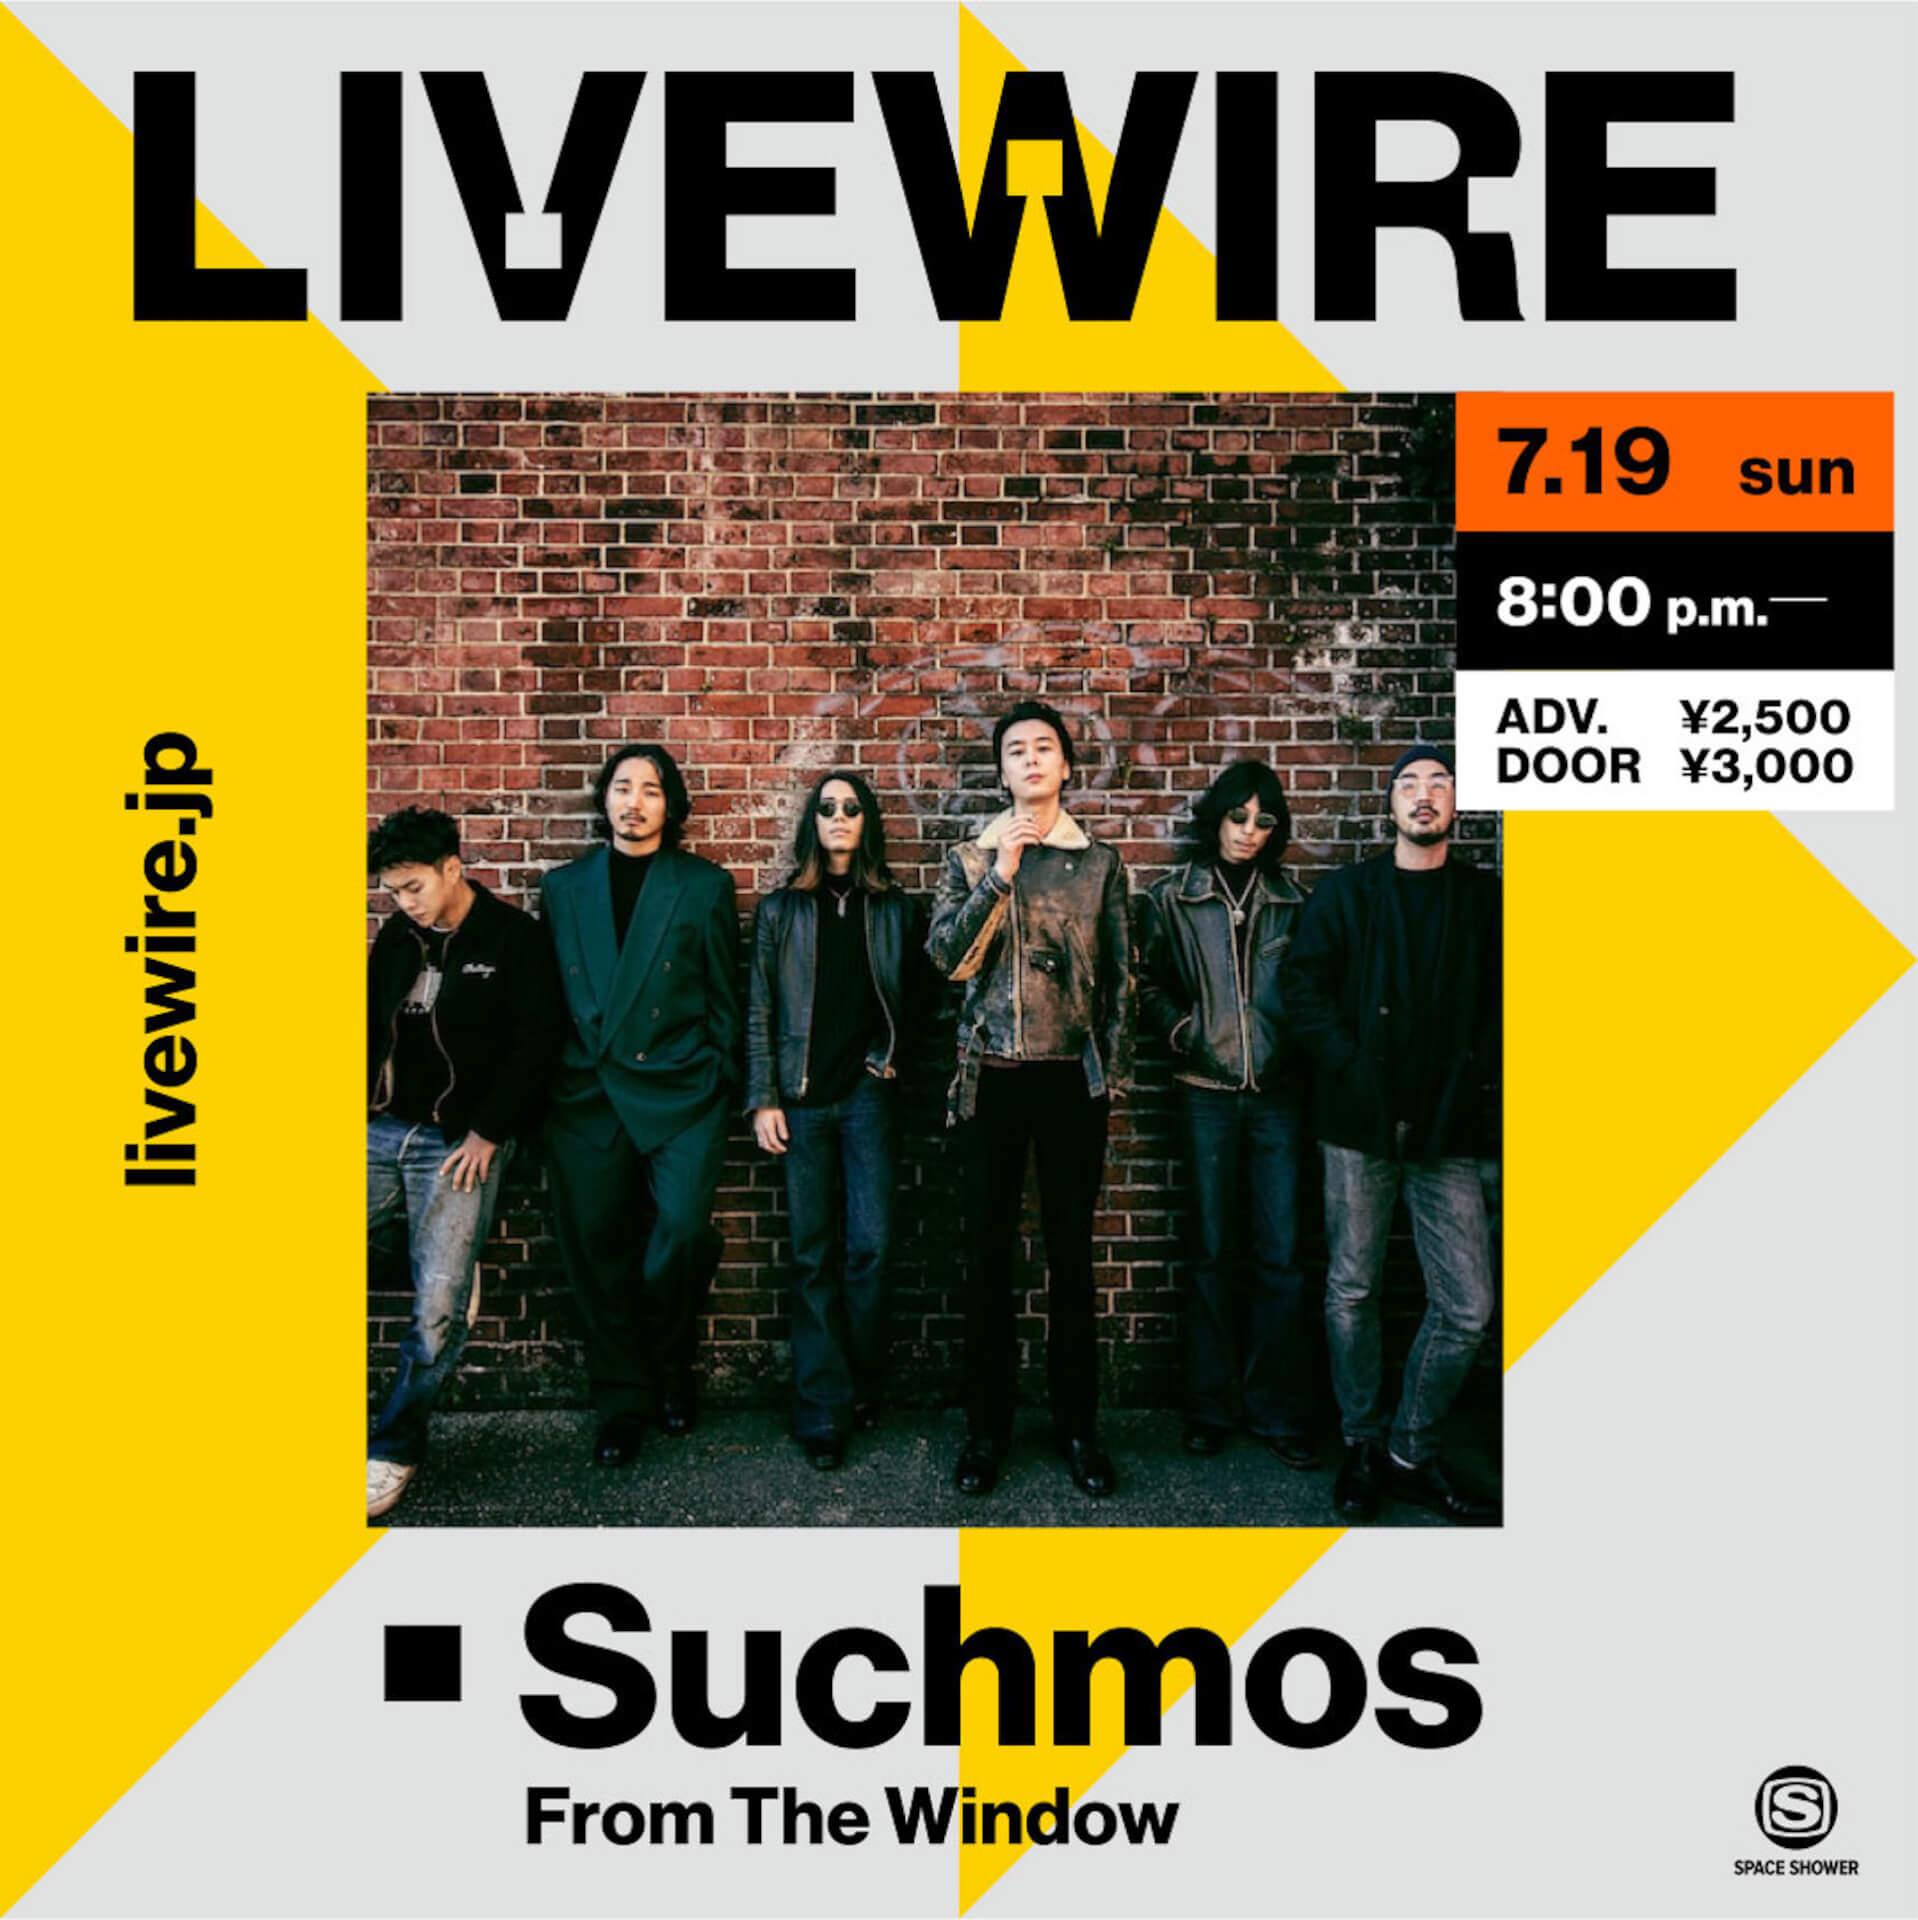 Suchmos、今週末生配信の<LIVEWIRE>ですべて新曲で構成したパフォーマンスを敢行!プレゼントが当たるTwitterキャンペーンも実施 music200716_suchmos_4